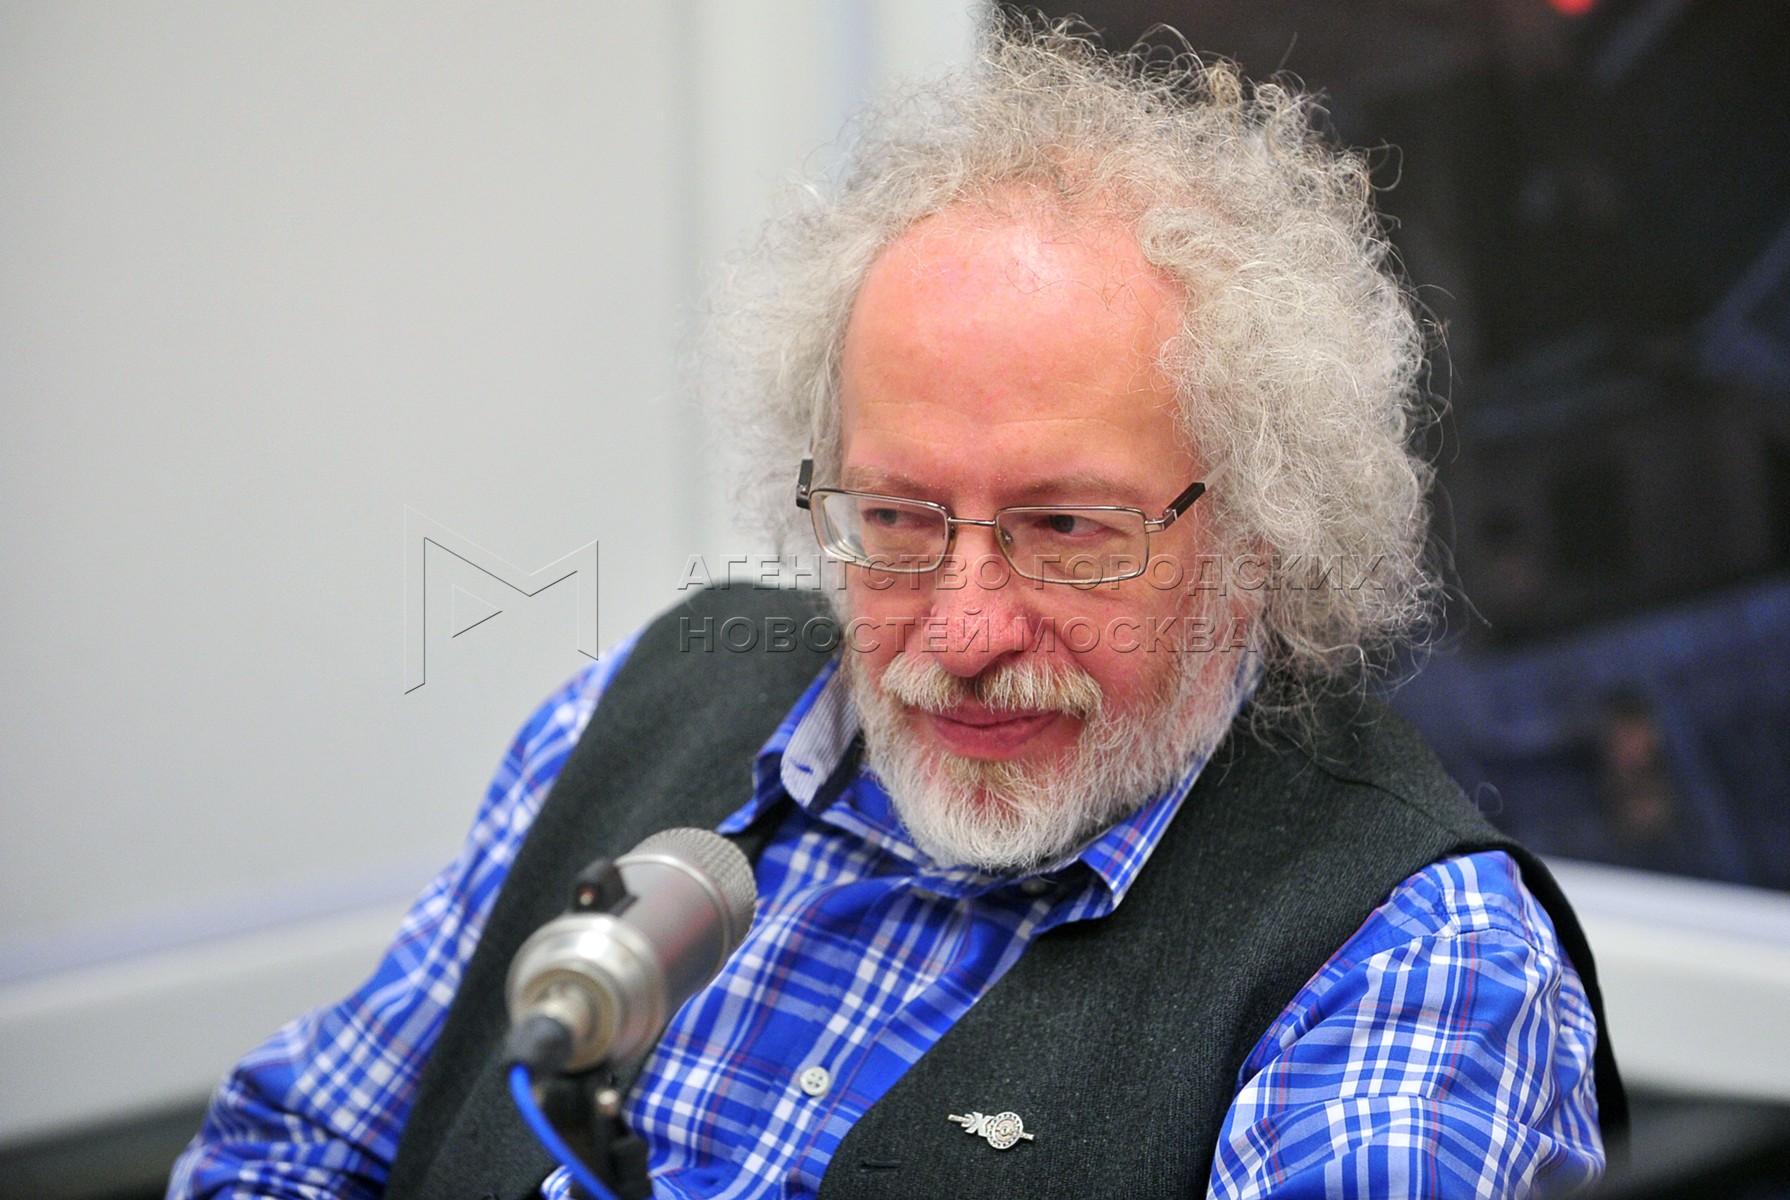 Главный редактор радиостанции «Эхо Москвы», президент телекомпании «Эхо-ТВ» Алексей Венедиктов